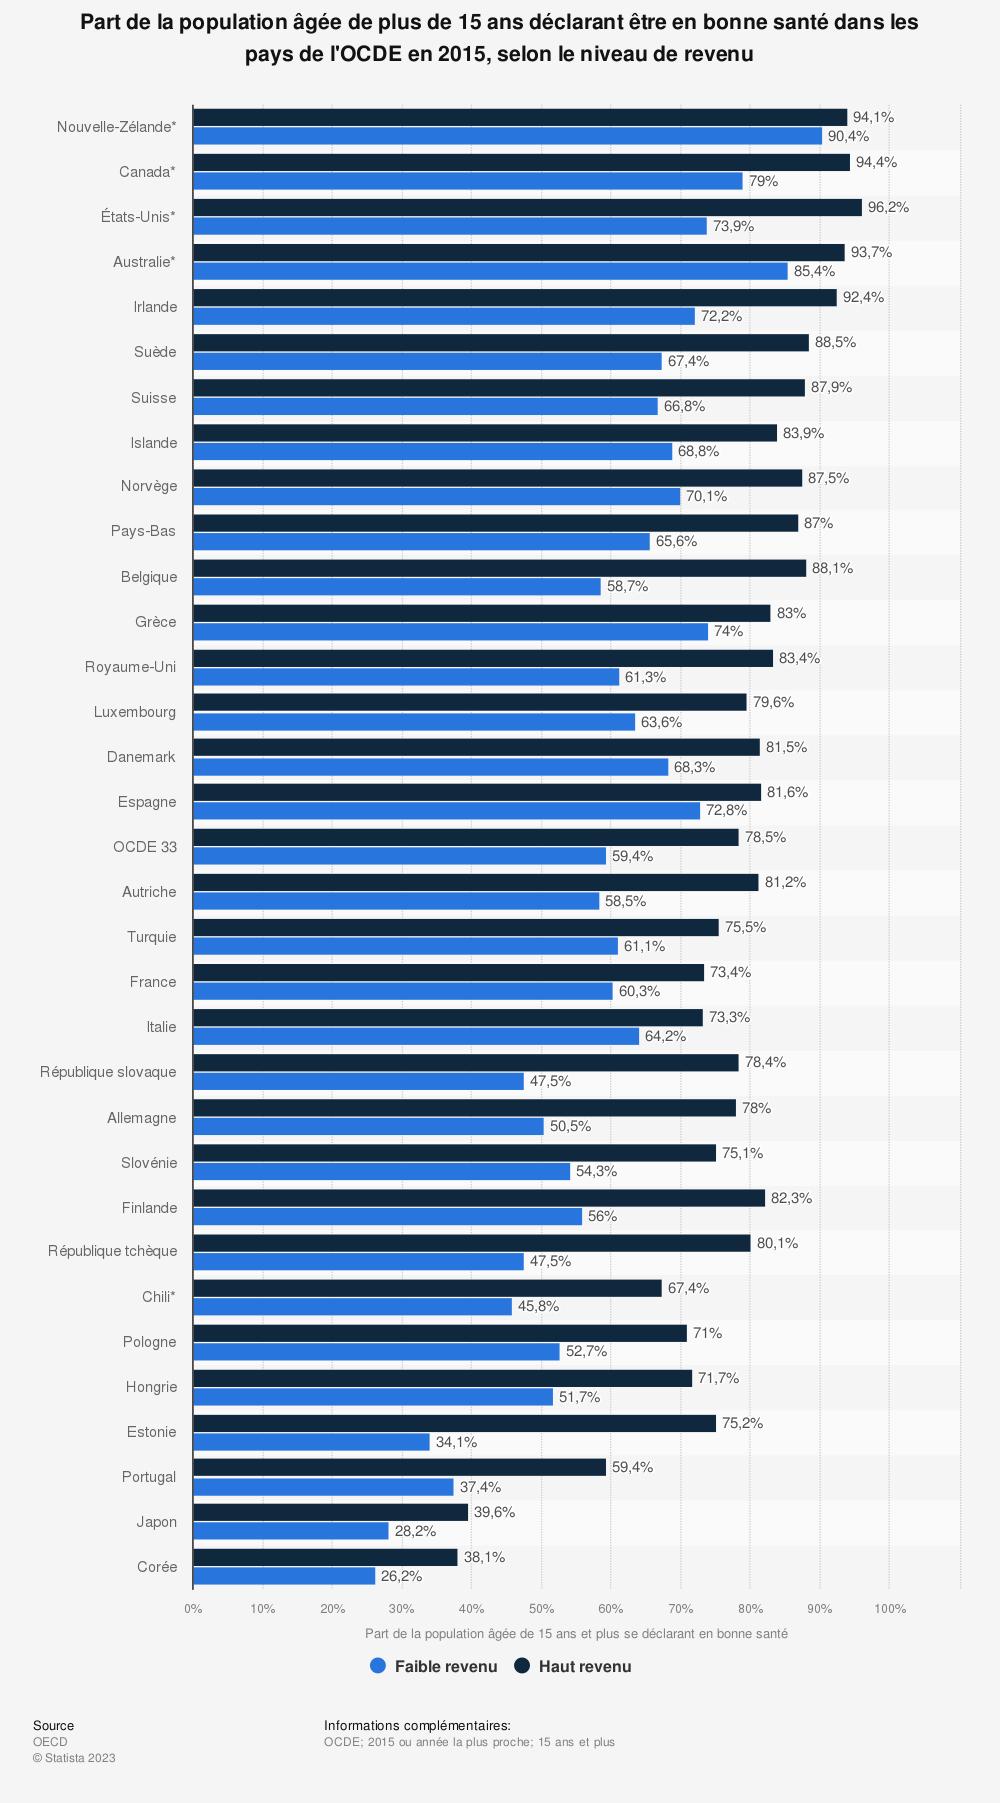 Statistique: Part de la population âgée de plus de 15 ans déclarant être en bonne santé dans les pays de l'OCDE en 2015, selon le niveau de revenu | Statista